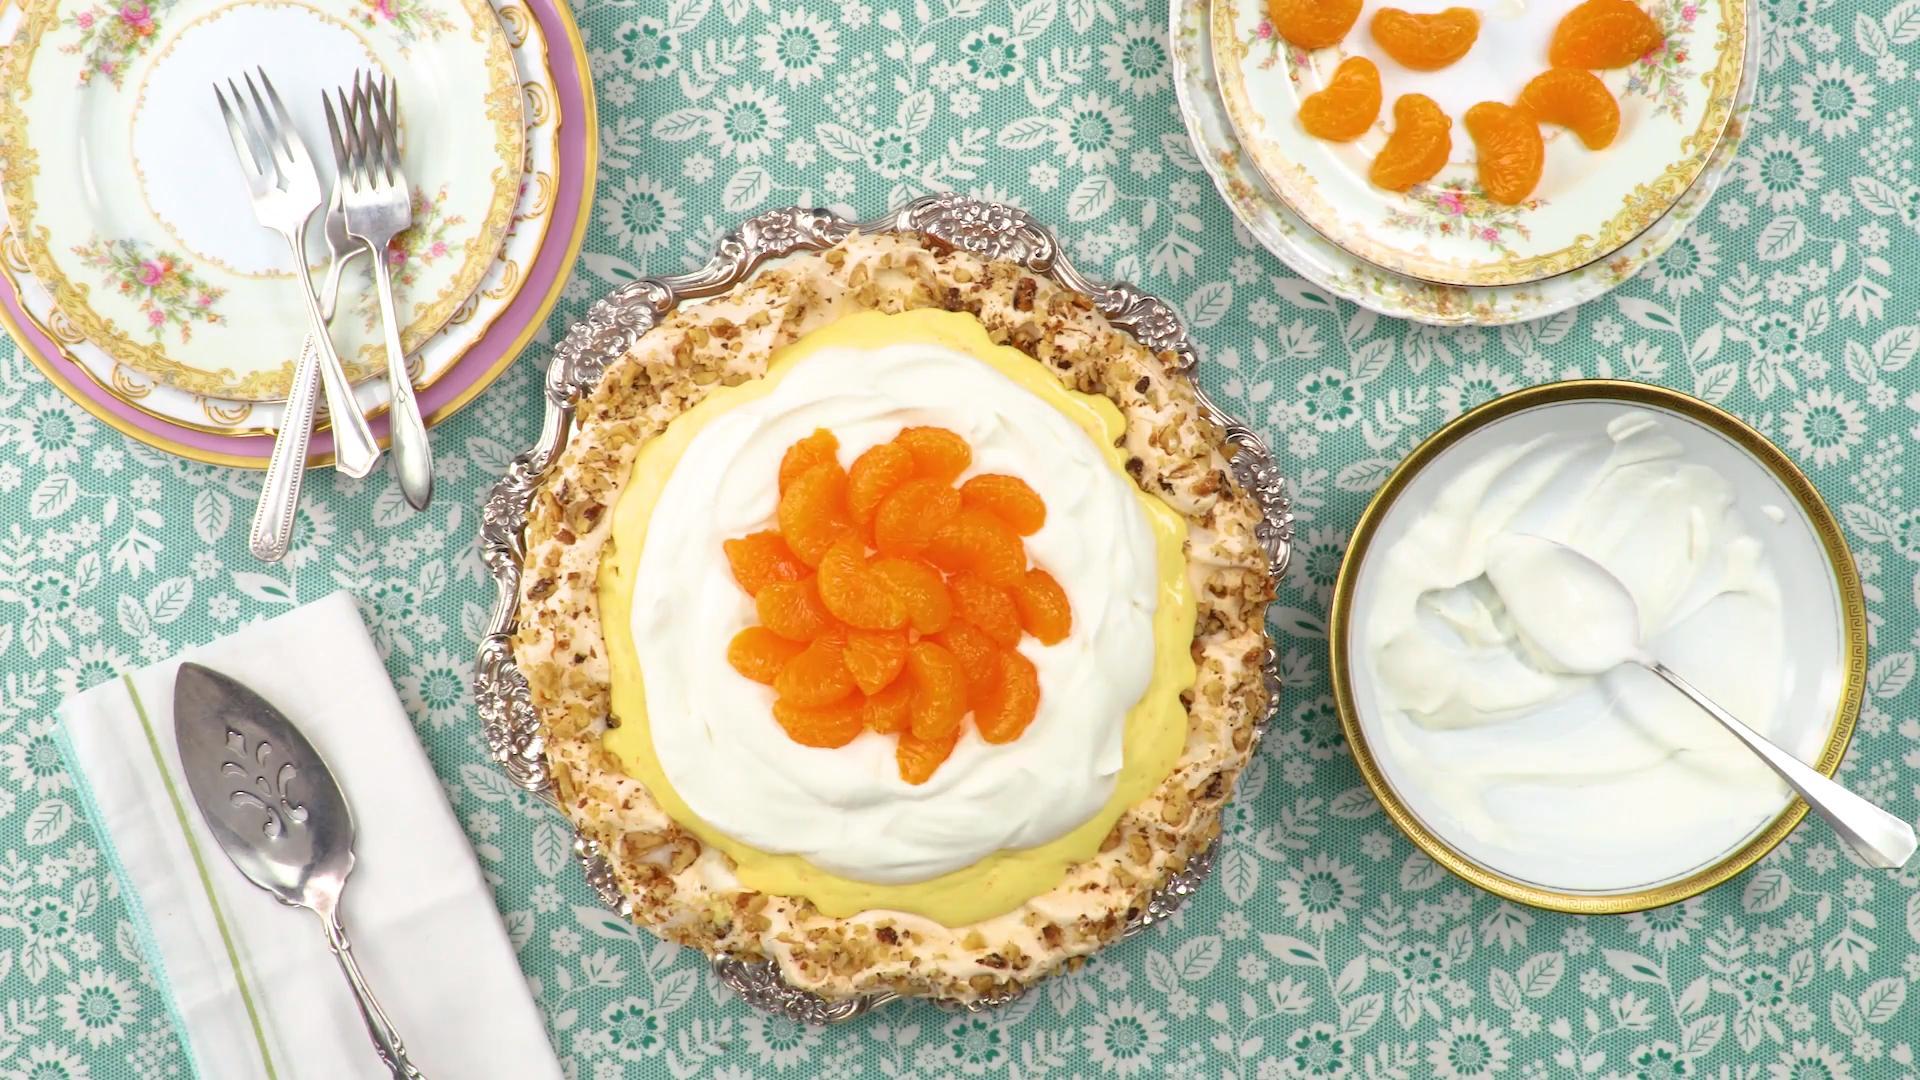 Florida Orange Grove Pie Recipe